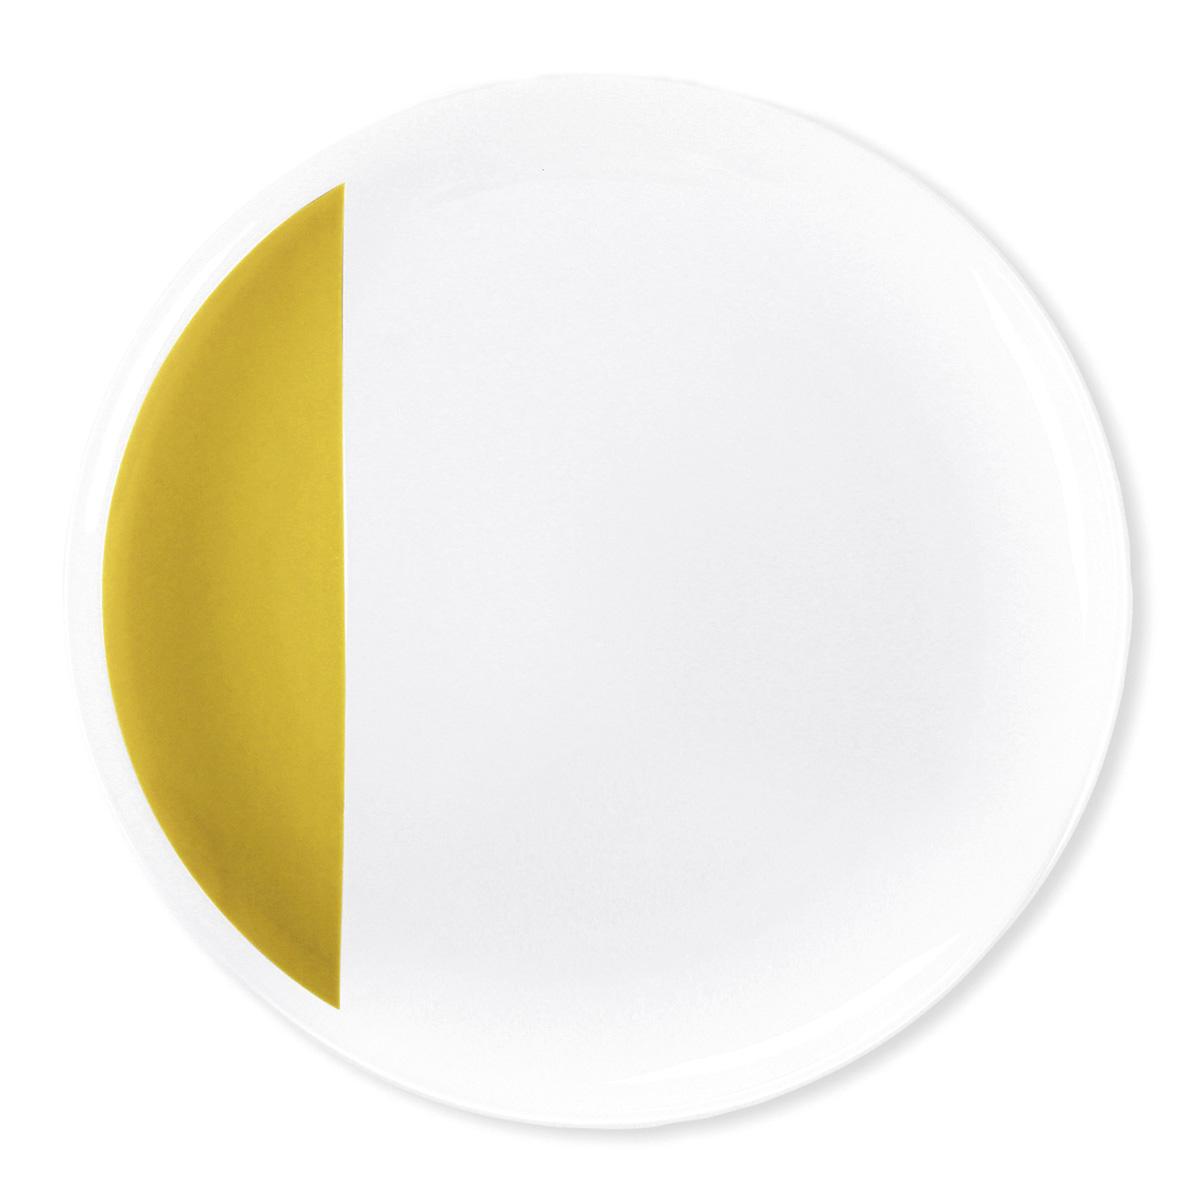 assiette jaune moutarde design louison vaisselle chic et tendance. Black Bedroom Furniture Sets. Home Design Ideas